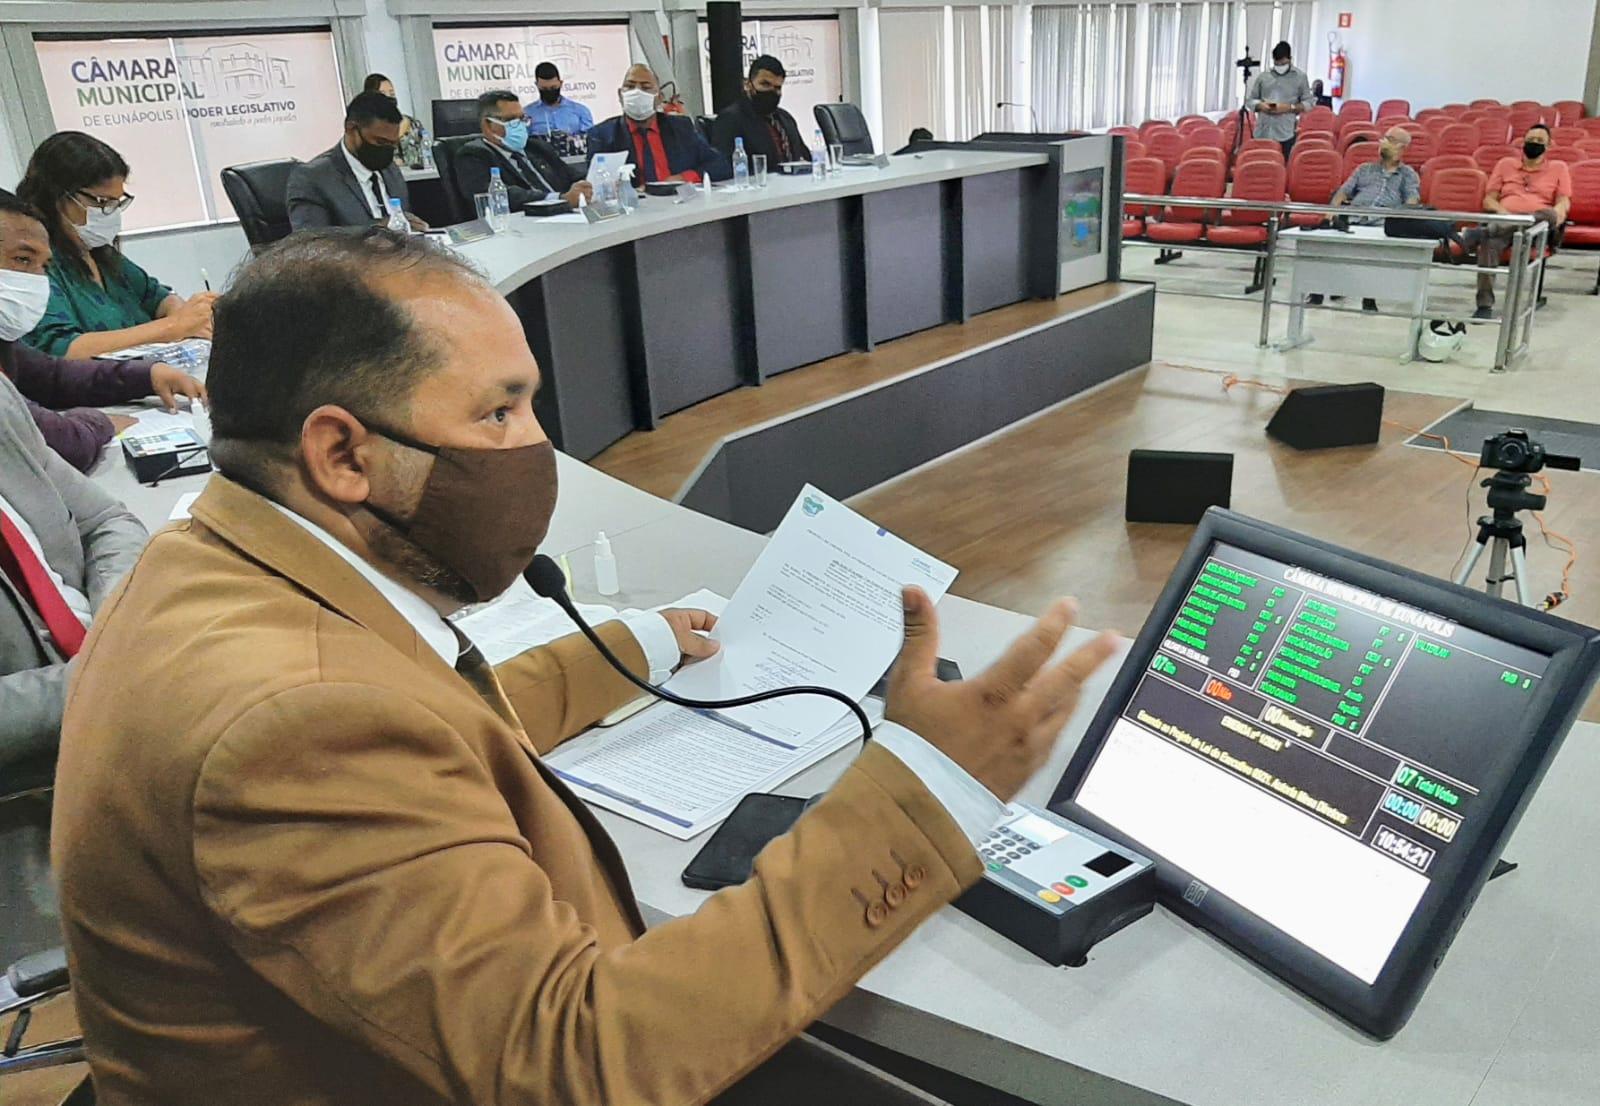 Eunápolis: Câmara aprova criação do Conselho de Acompanhamento do novo Fundeb 20